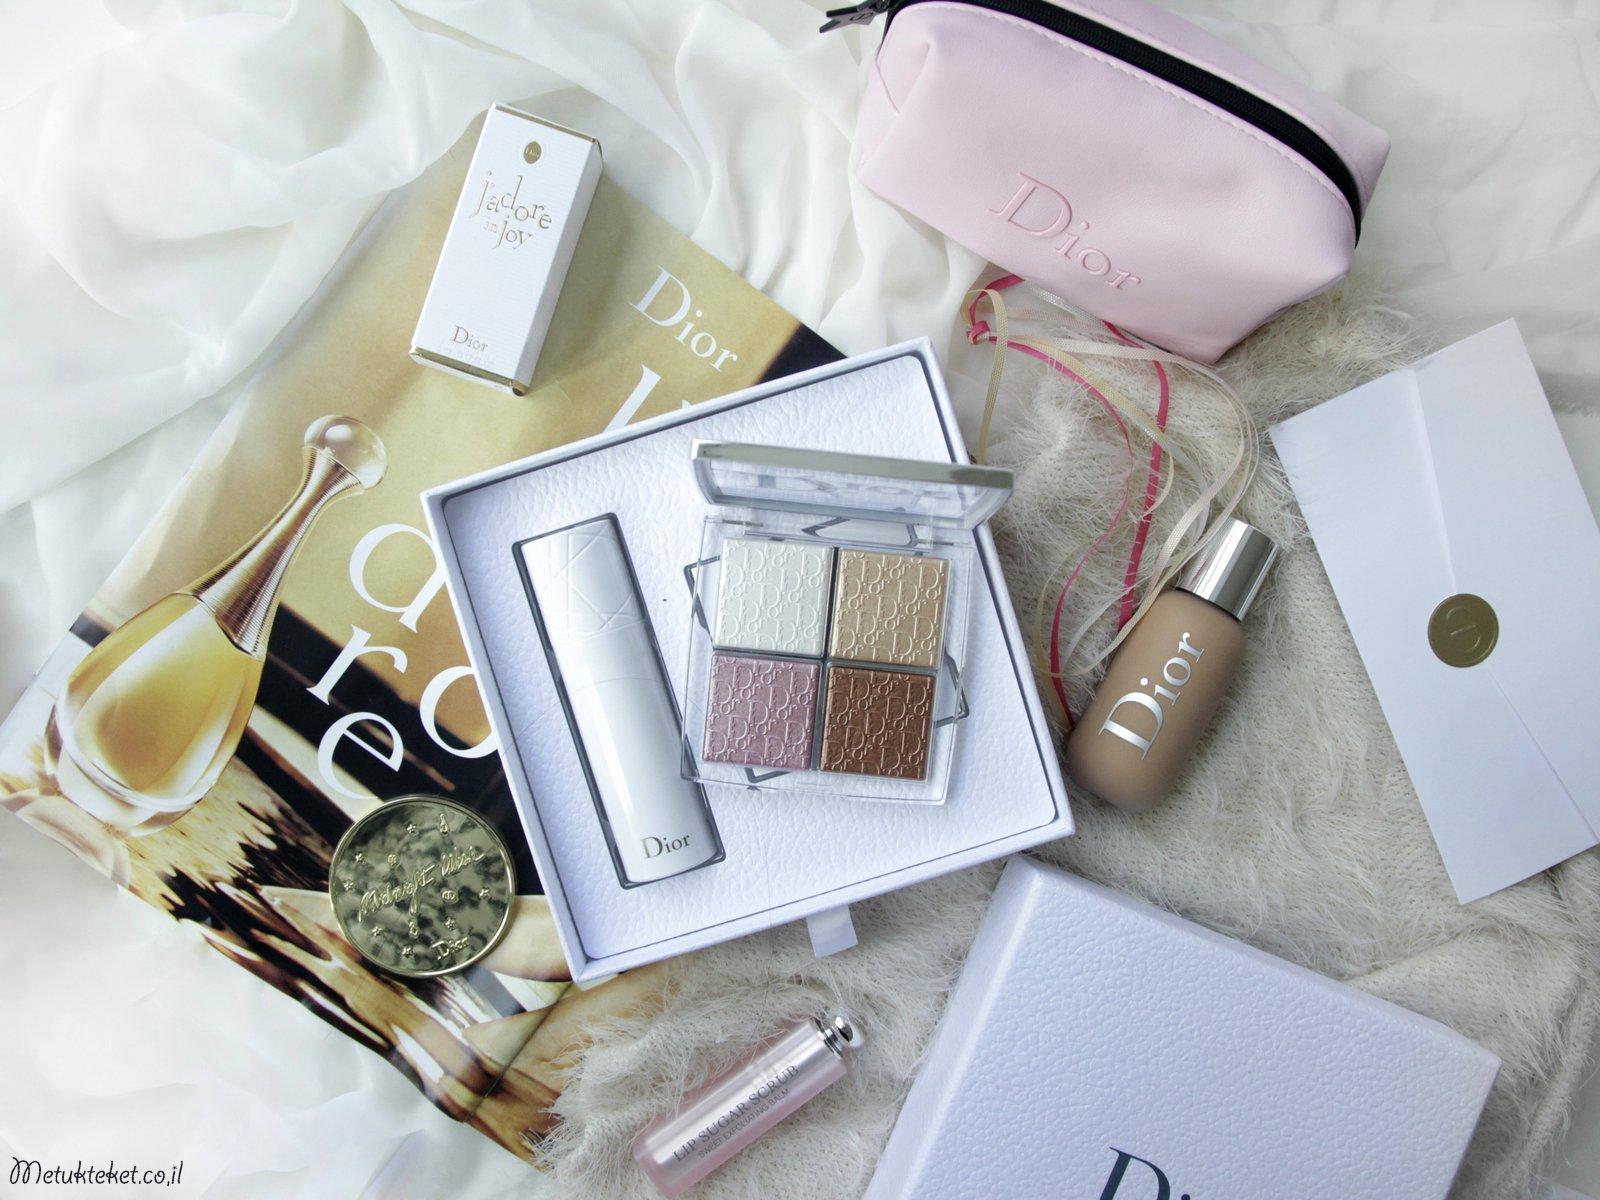 בושם, איפור, דיור, ג'וי, ז'אדור, כריסטיאן דיור, Dior, Dior make up, Joy